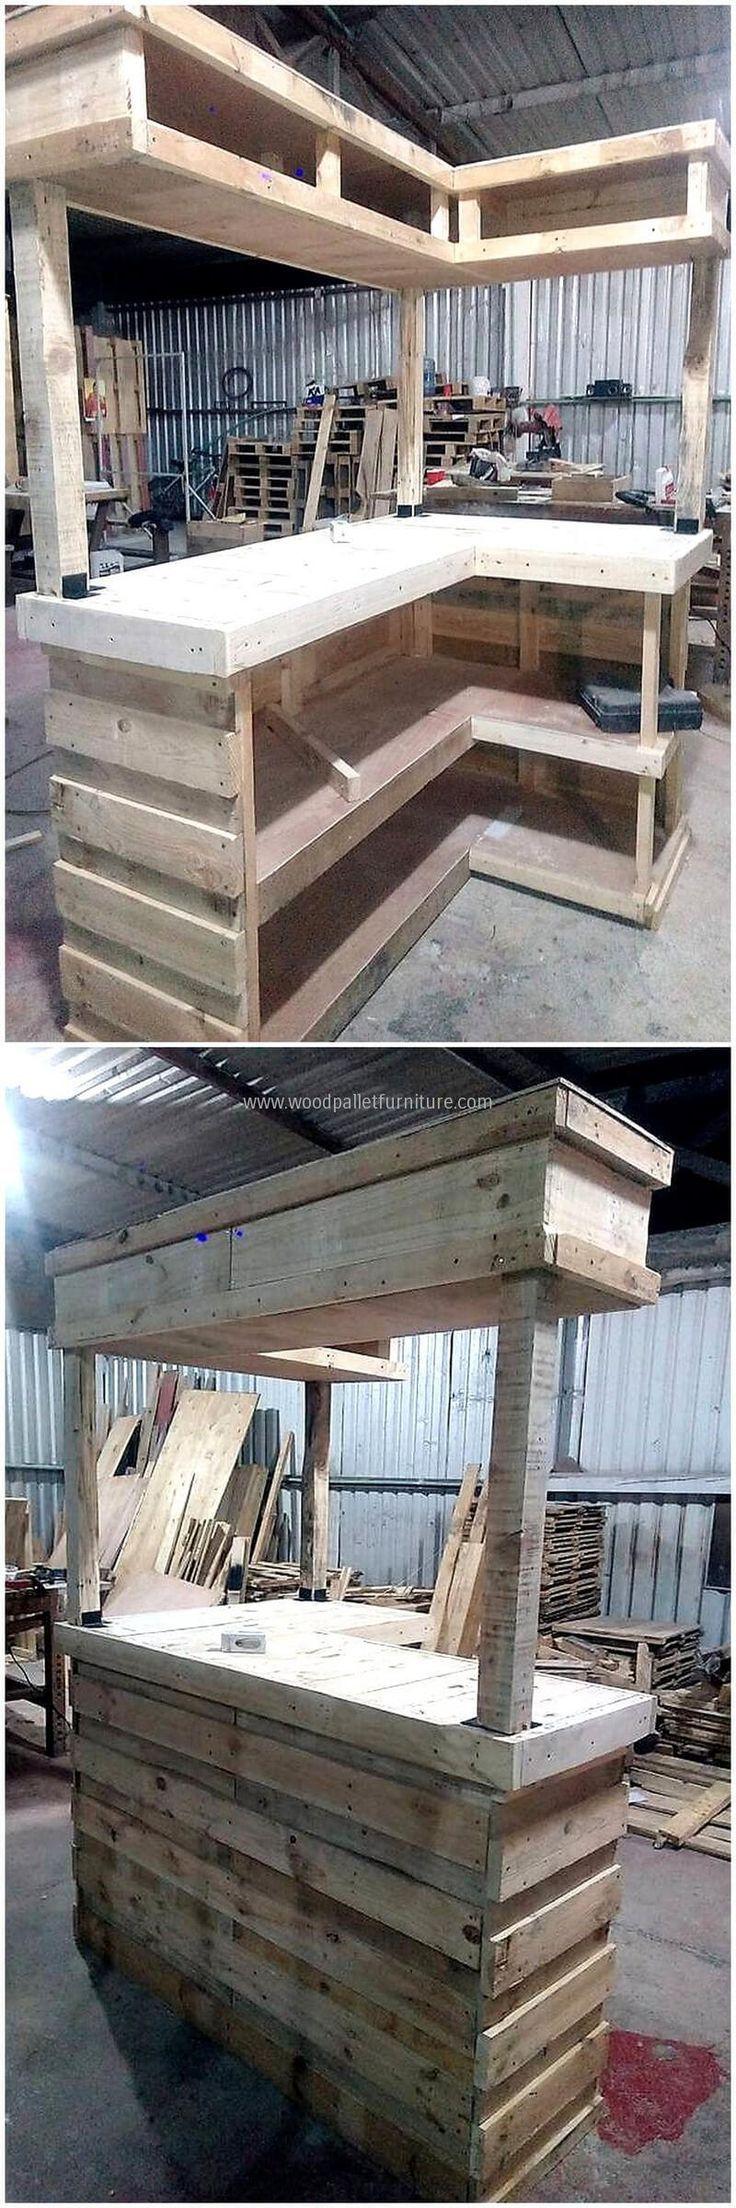 Wiederverwendung von Projekten mit aufgearbeiteten Holzpaletten